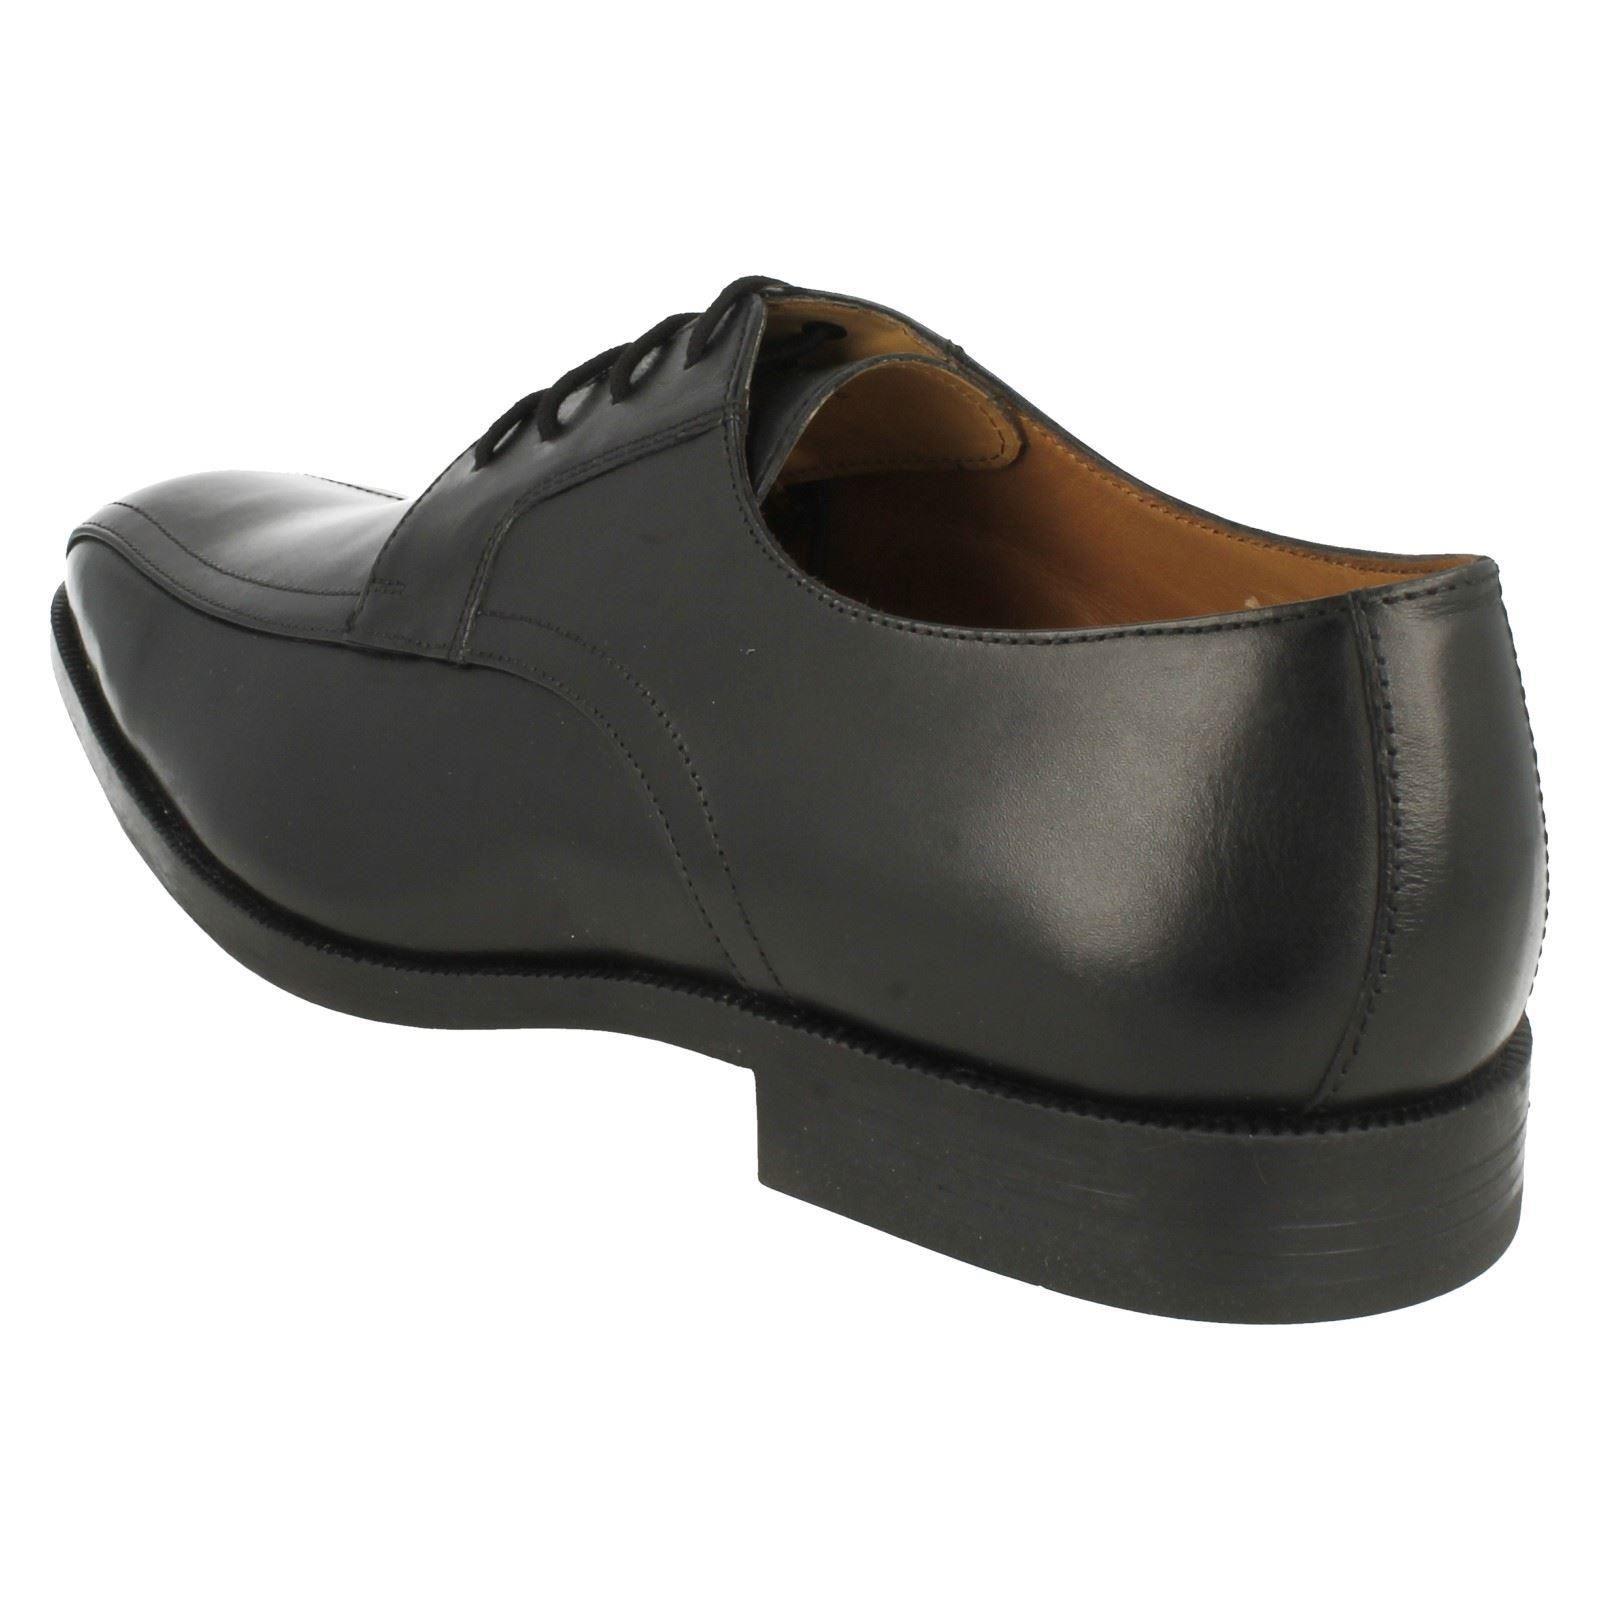 Lacets' Hommes Habillées Bakra Clarks Chaussures À Sky' 3A5jLq4R